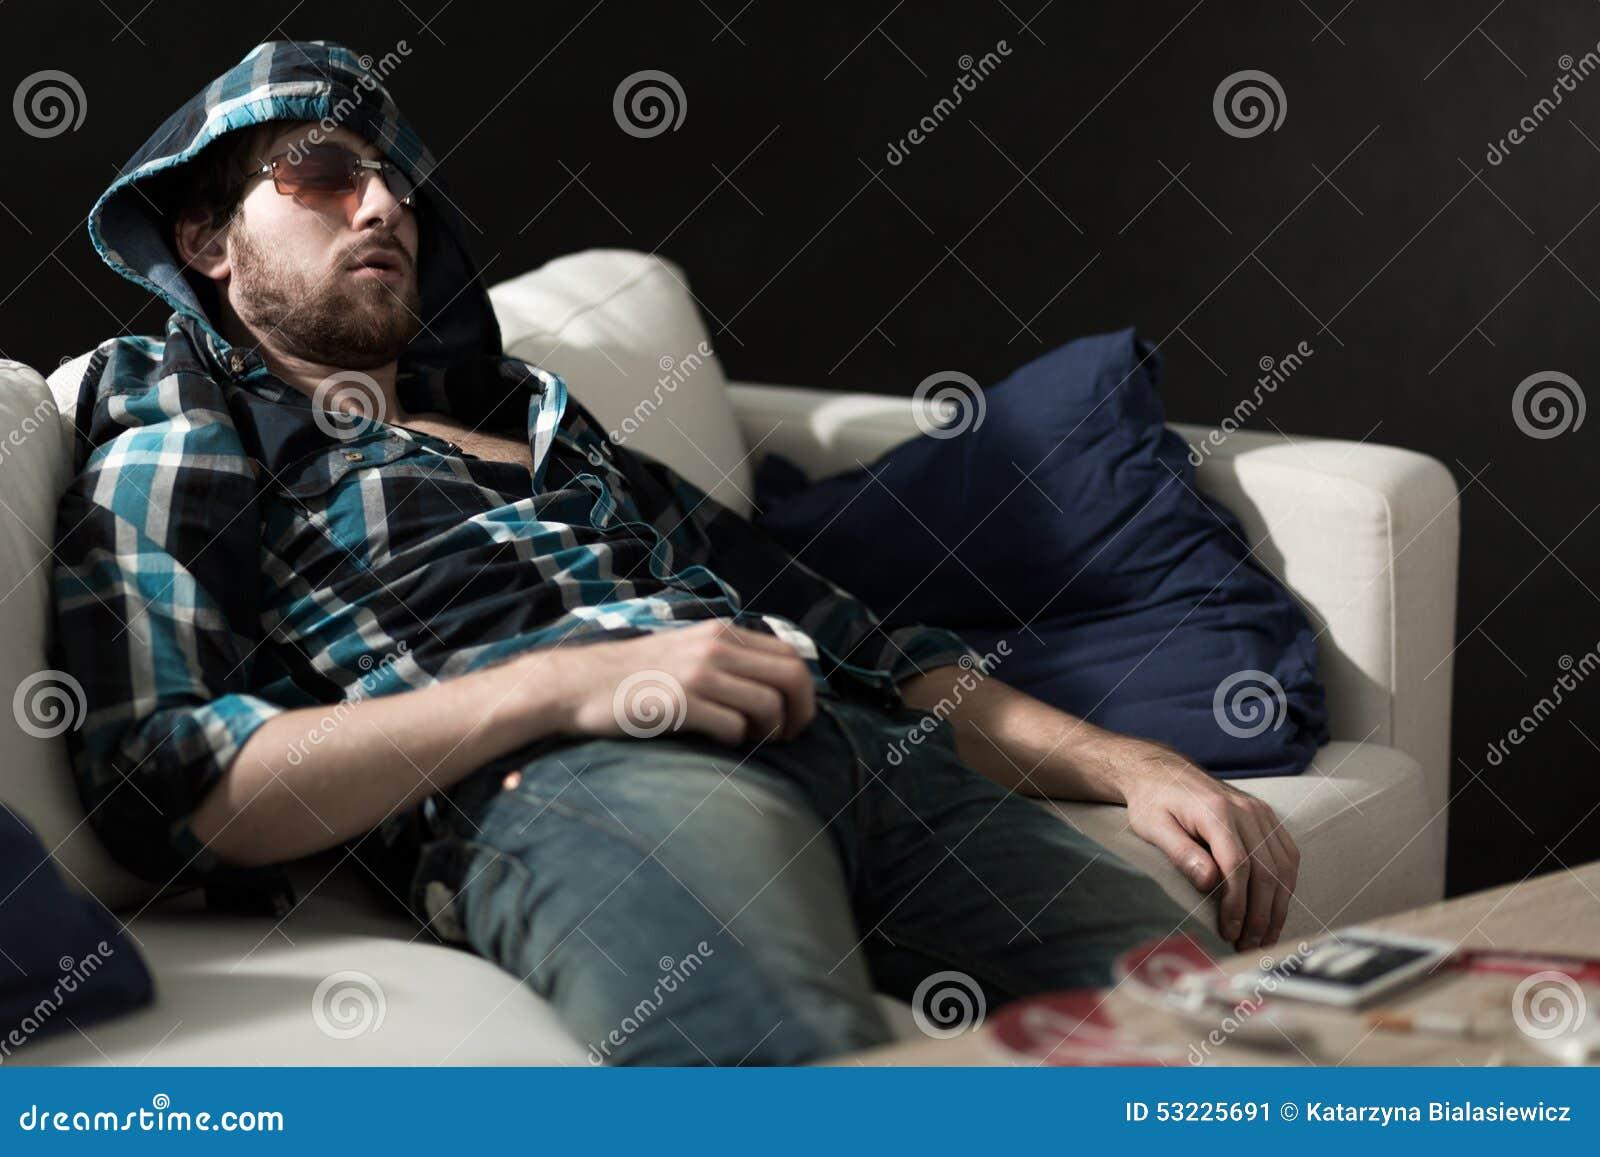 睡觉在药物以后的吸毒者